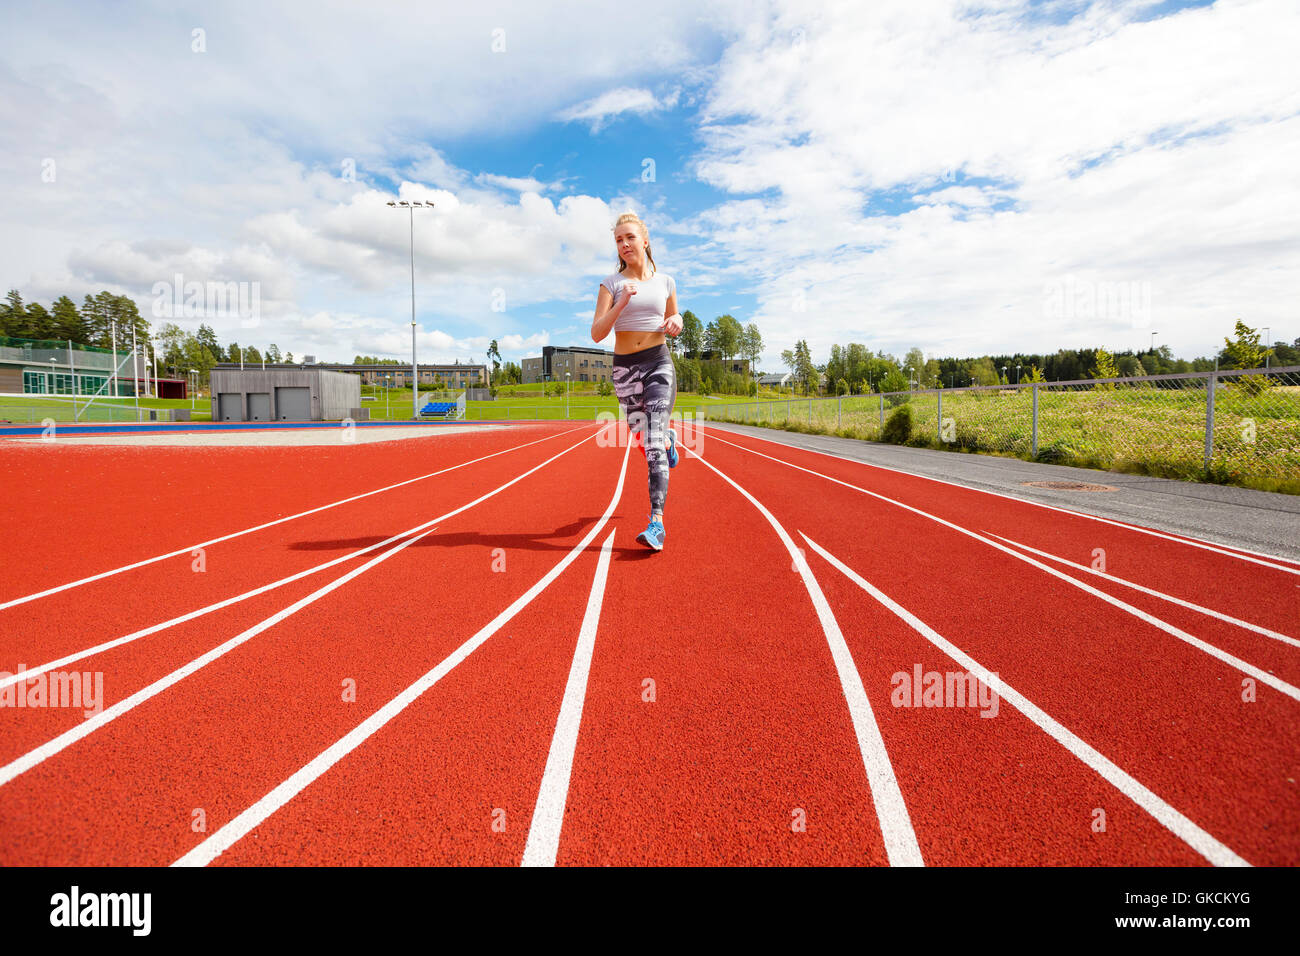 Schnelle sportliche weibliche Läufer auf Laufbahn im freien Stockbild